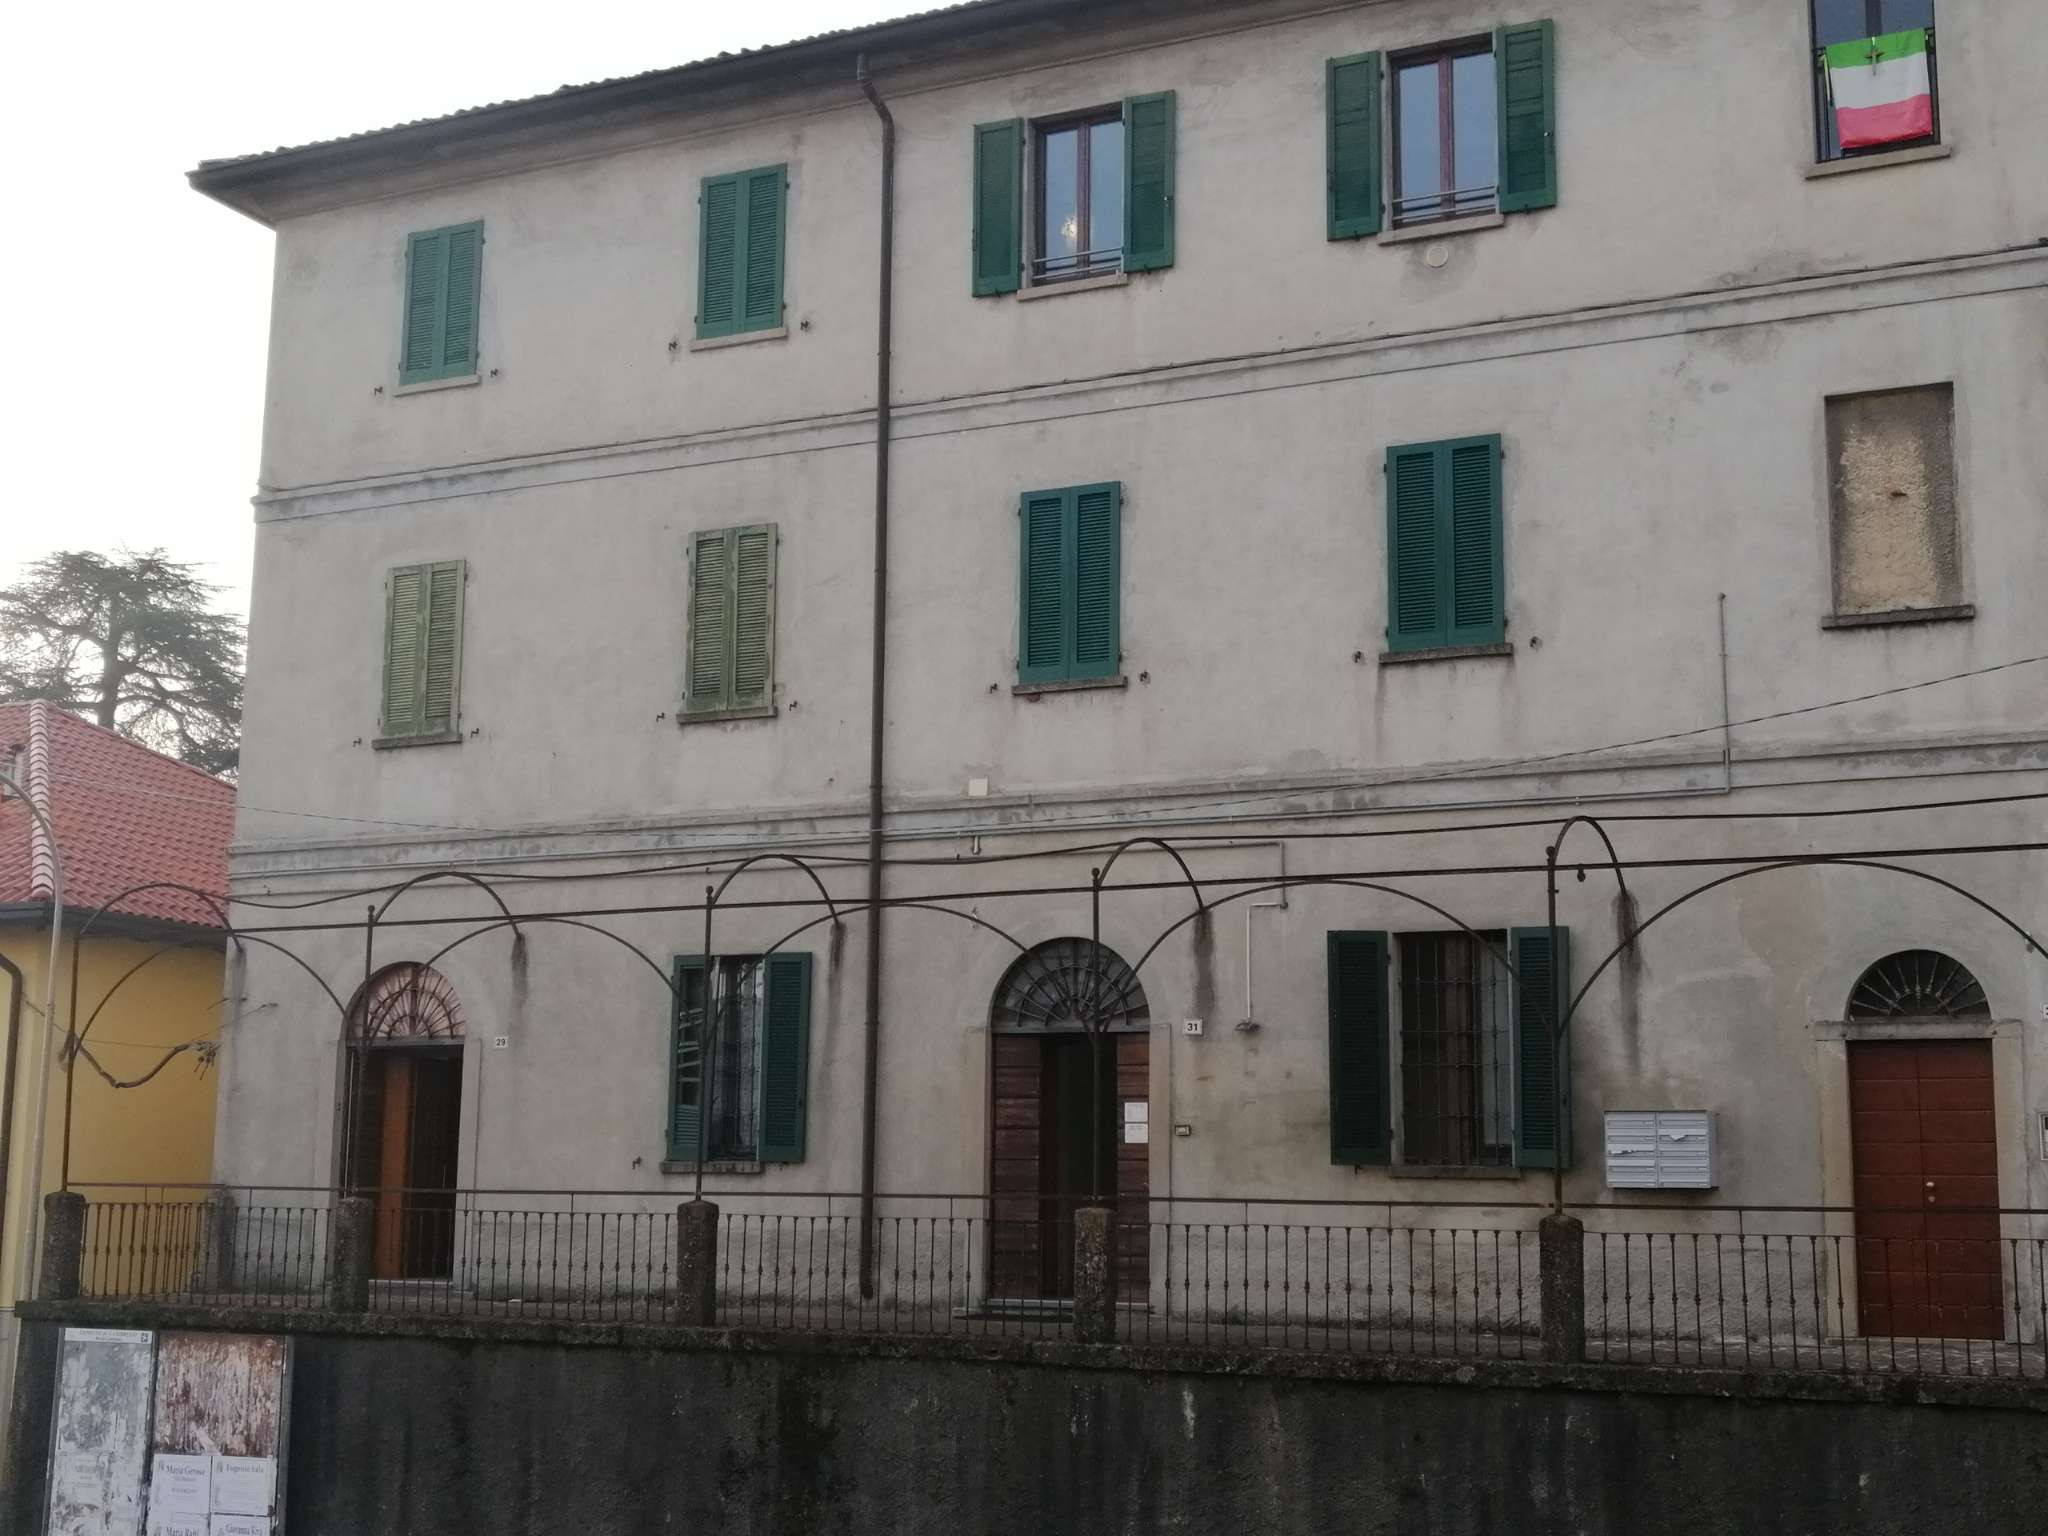 Appartamento in vendita a Lambrugo, 4 locali, prezzo € 85.000   PortaleAgenzieImmobiliari.it